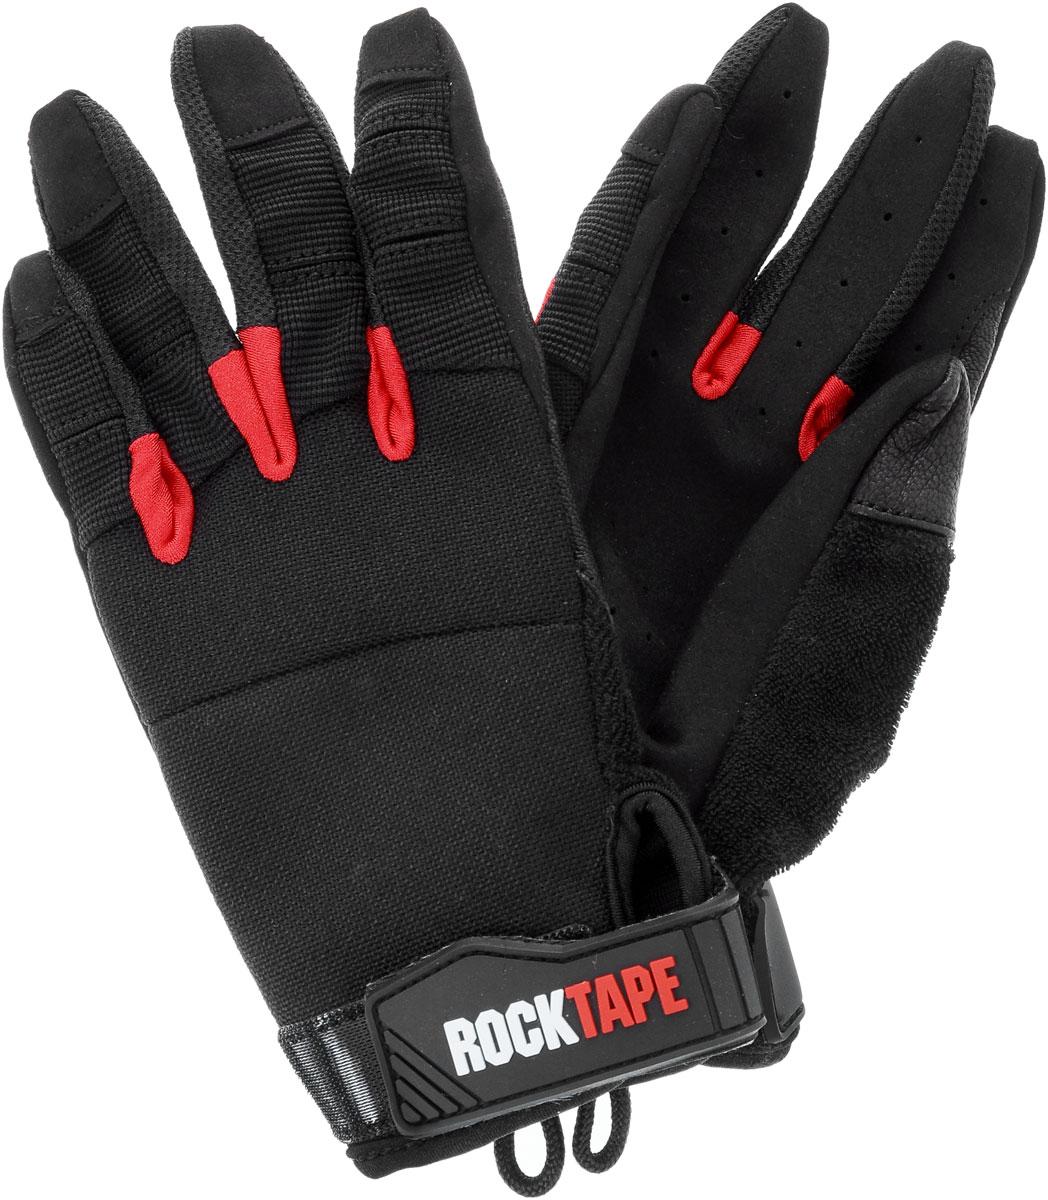 Перчатки Rocktape Talons, цвет: черный, красный. Размер SBSPBKCL13Rocktape Talons - это функциональные перчатки для спорта. Руль велосипеда, турник, штанга - за что бы вы ни взялись, перчатки обеспечат максимальную защиту и поддержку! Уверенный хват и больше никаких стертых рук, волдырей и мозолей!Особенности перчаток:Дружелюбны к сенсорным экранам.Без швов на ладонях.Силиконовая накладка false-grip поможет в выходах силой.Защита большого пальца при захвате штанги.Впитывают пот.Дышащий материал по боковым поверхностям пальцев.Удобные петли.Рассчитаны на работу с мелом.Обхват ладони ниже костяшки: 18 см.